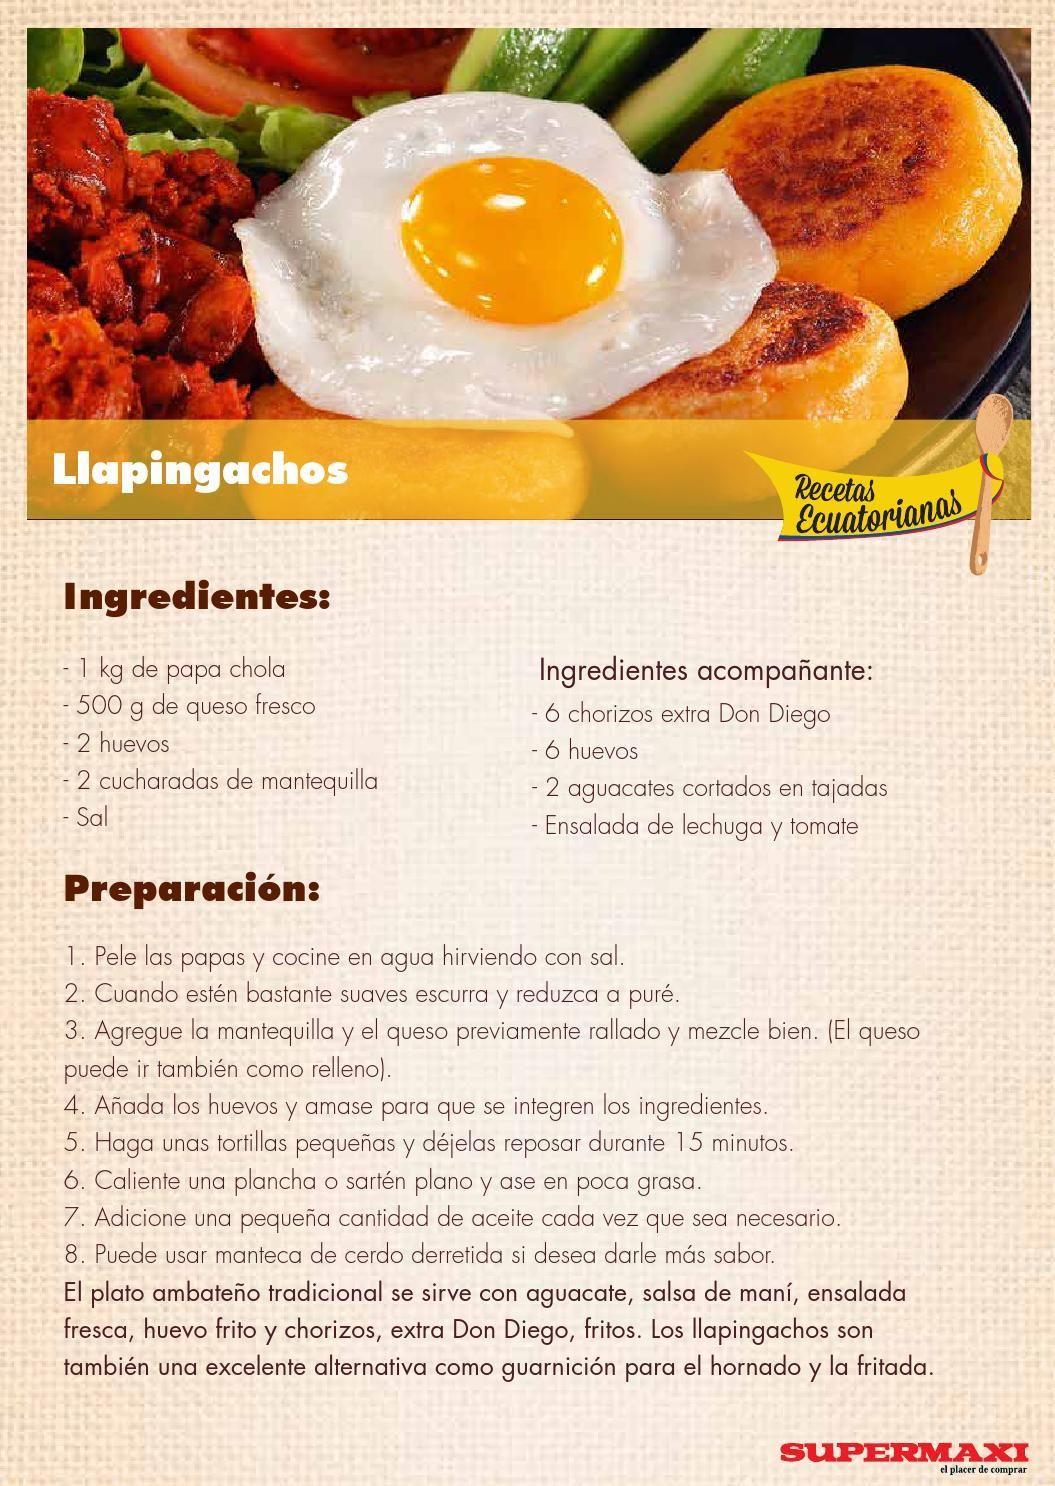 28db708cfc4e9c7d636b024a46abc9eb - Cocina Y Recetas